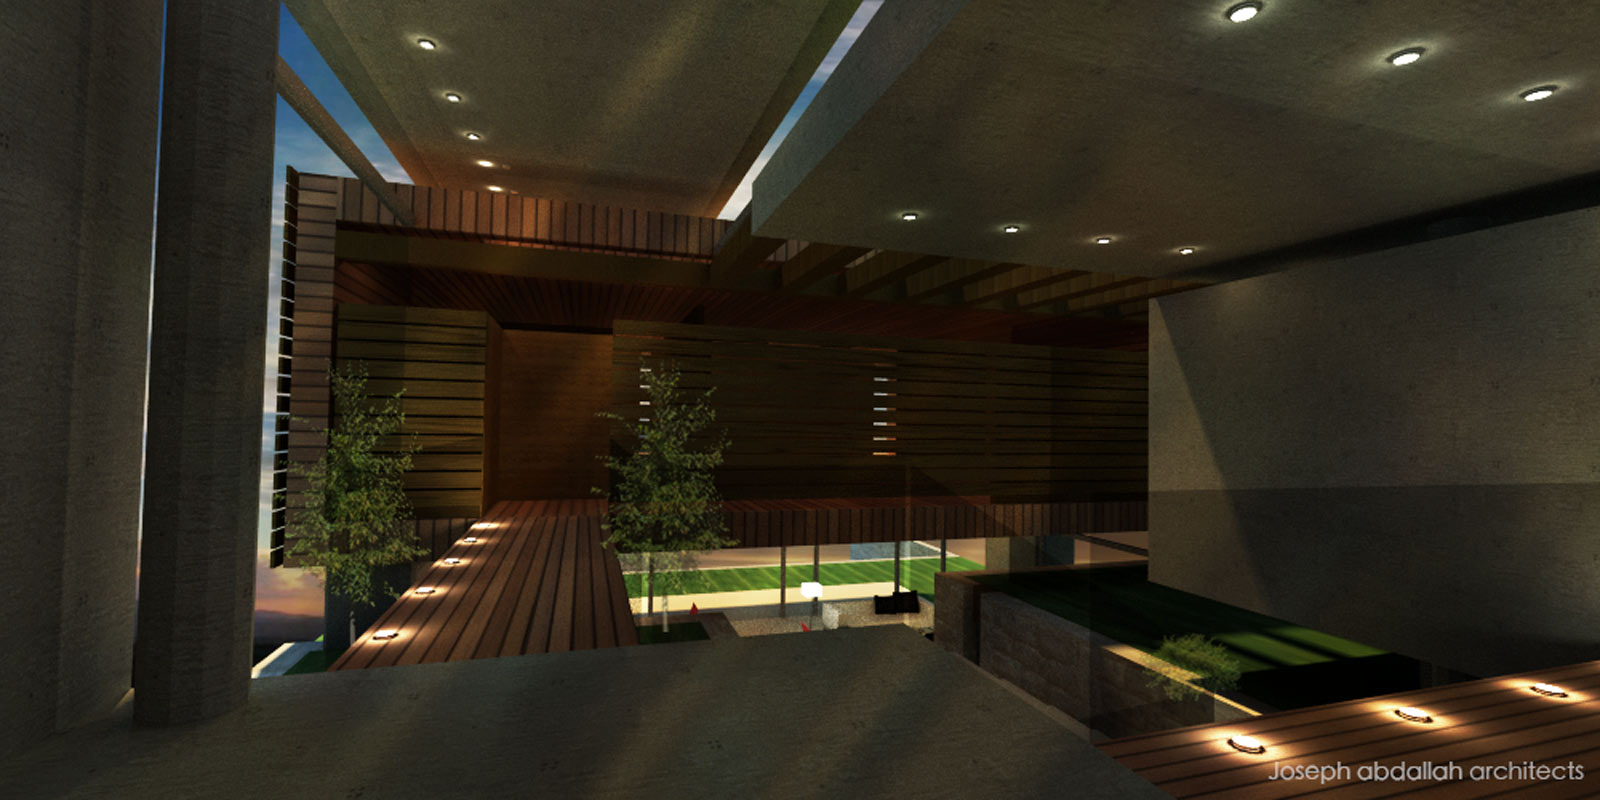 rizk-villa-modern-archiecture-joseph-abdallah-architects-1